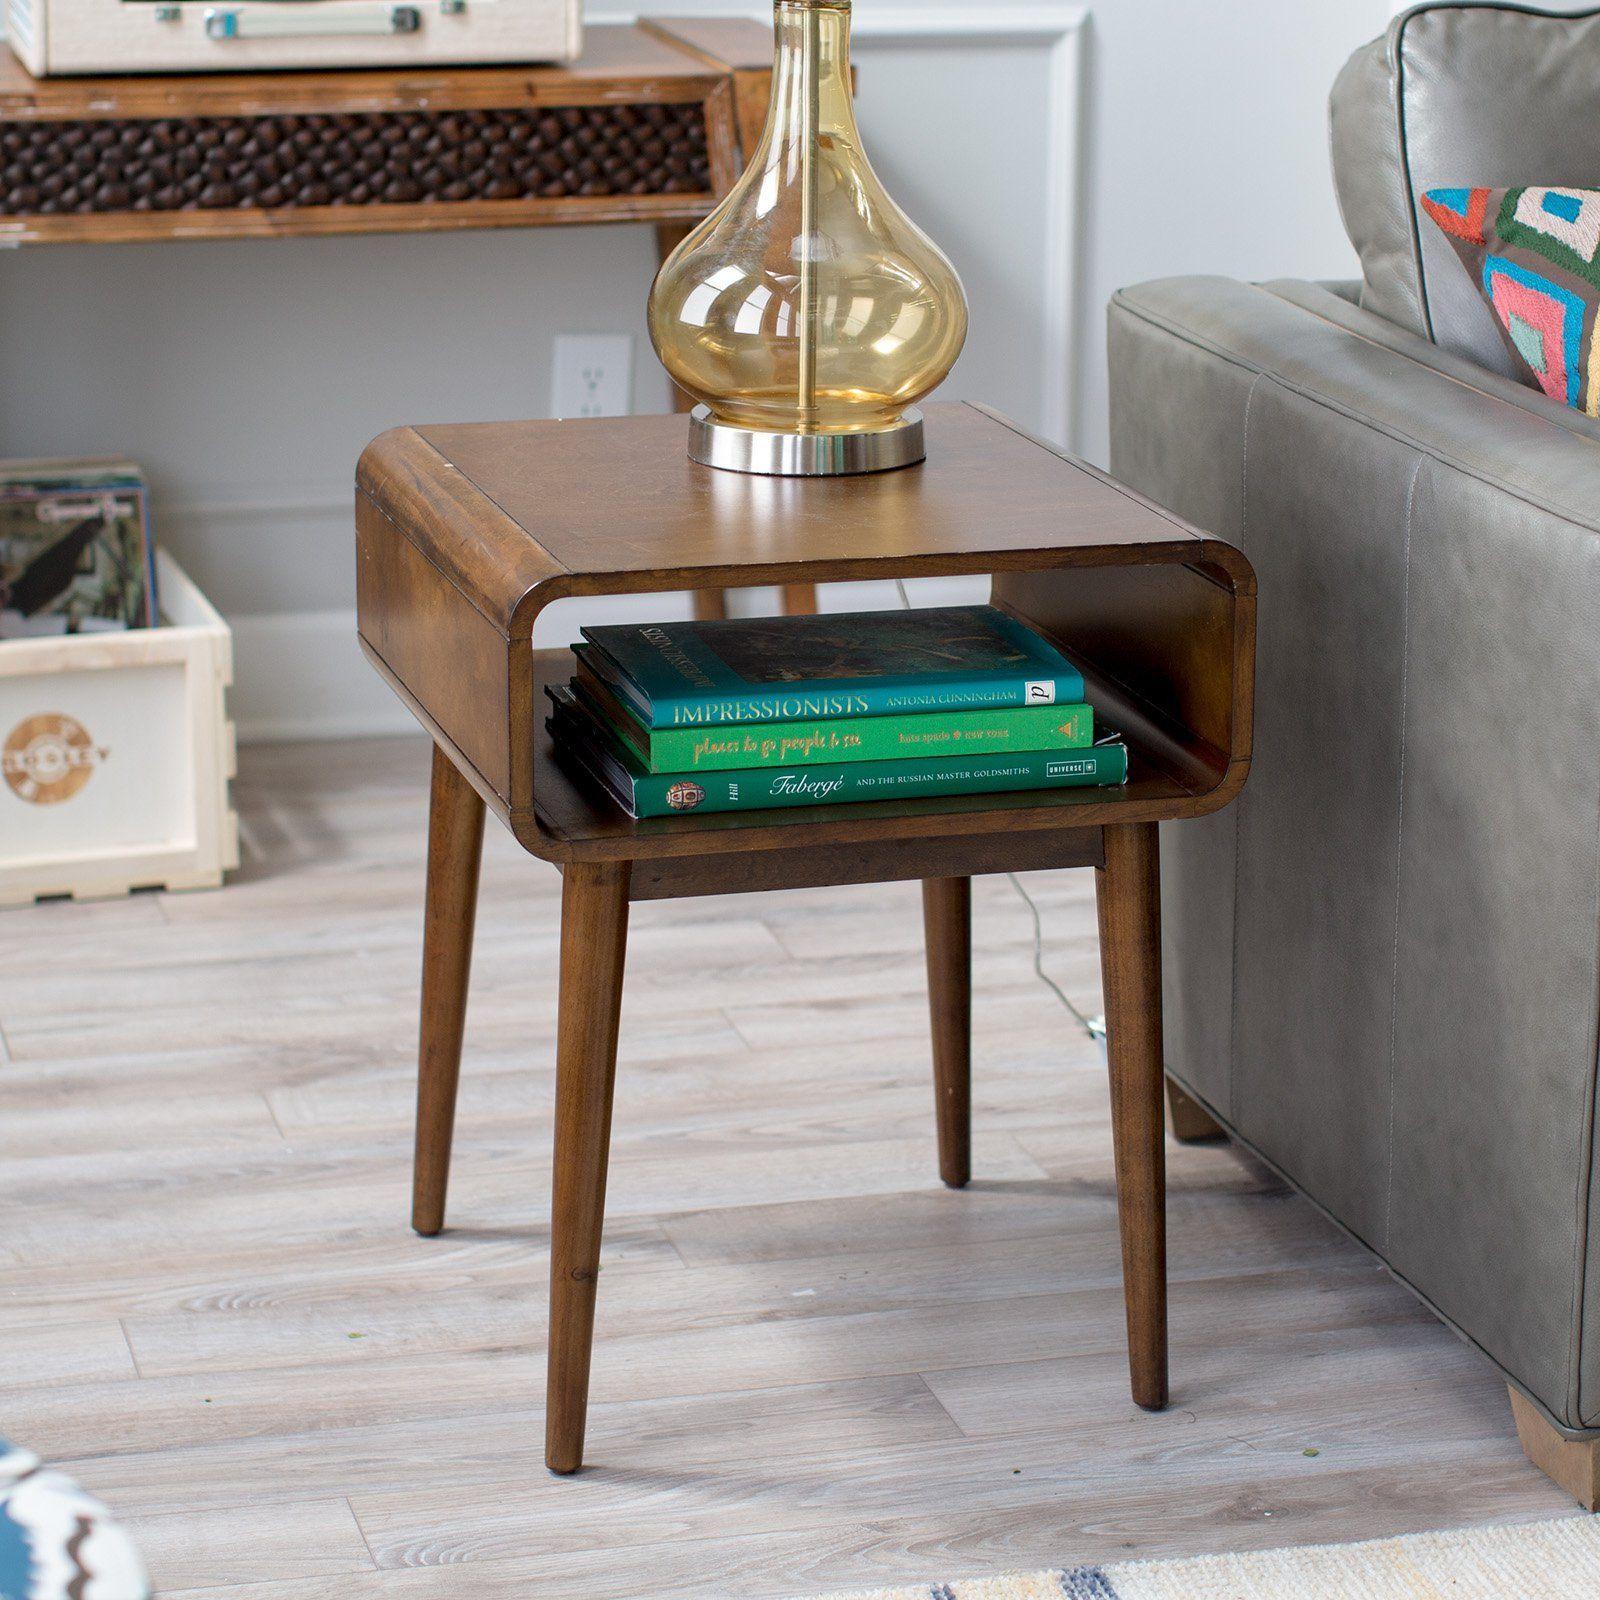 Belham Living Carter Mid Century Modern Side Table Men S In 2020 Mid Century Modern Side Table Modern Side Table Mid Century Modern Coffee Table [ 1600 x 1600 Pixel ]